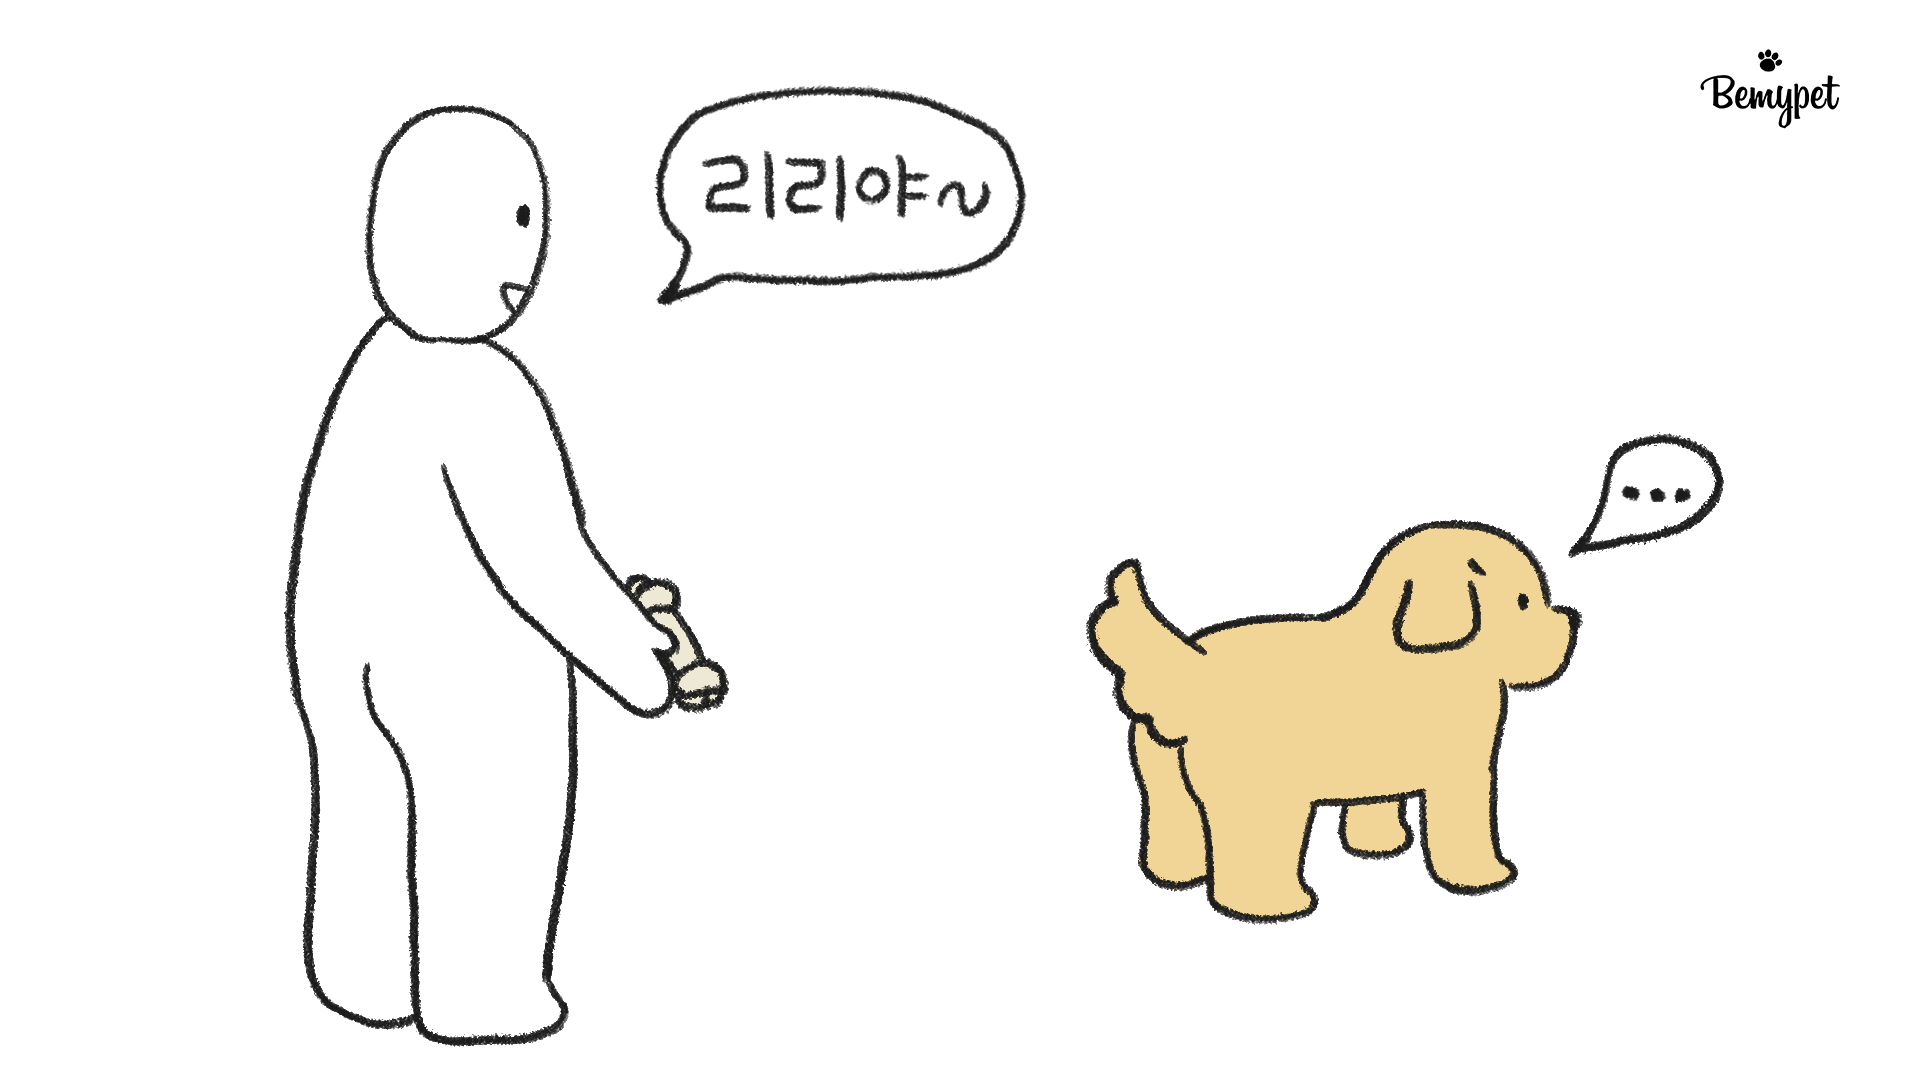 강아지 이름 훈련